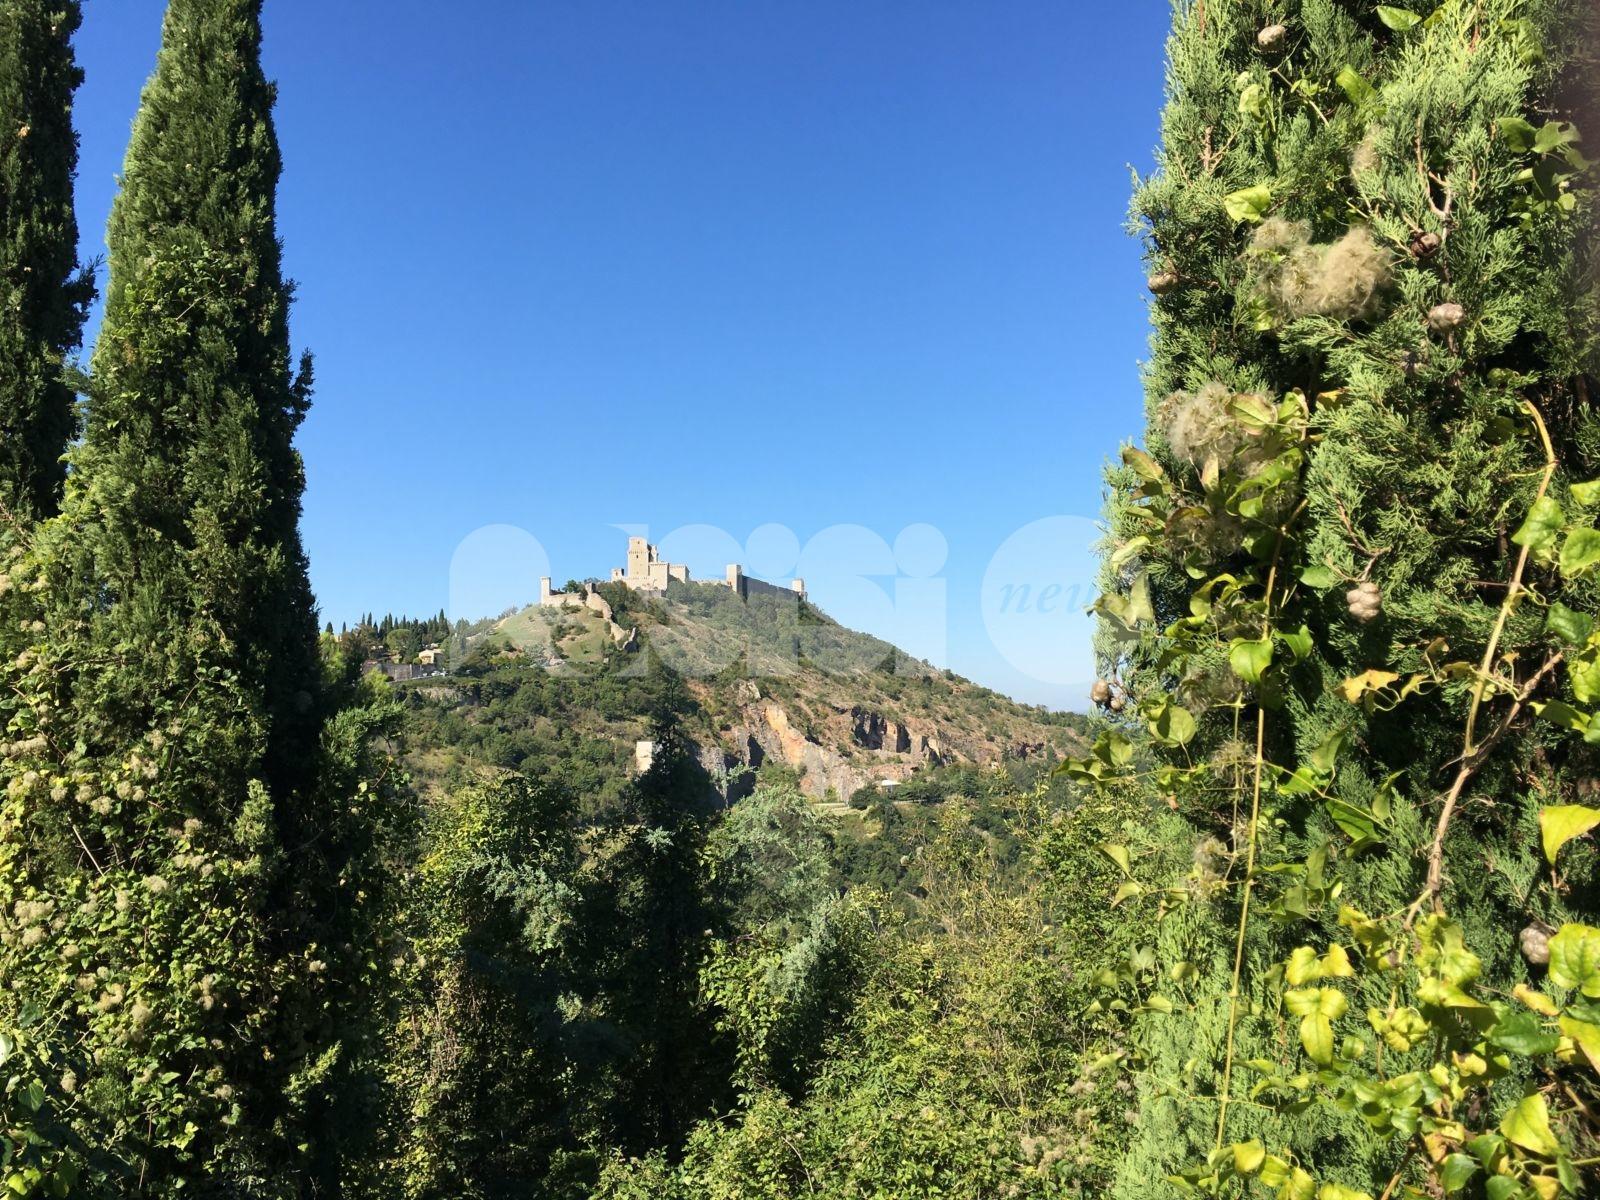 """Giornata mondiale dell'ambiente 2021, Assisi Nature Council: """"Tutti con piccoli gesti possiamo aiutare la Terra"""""""